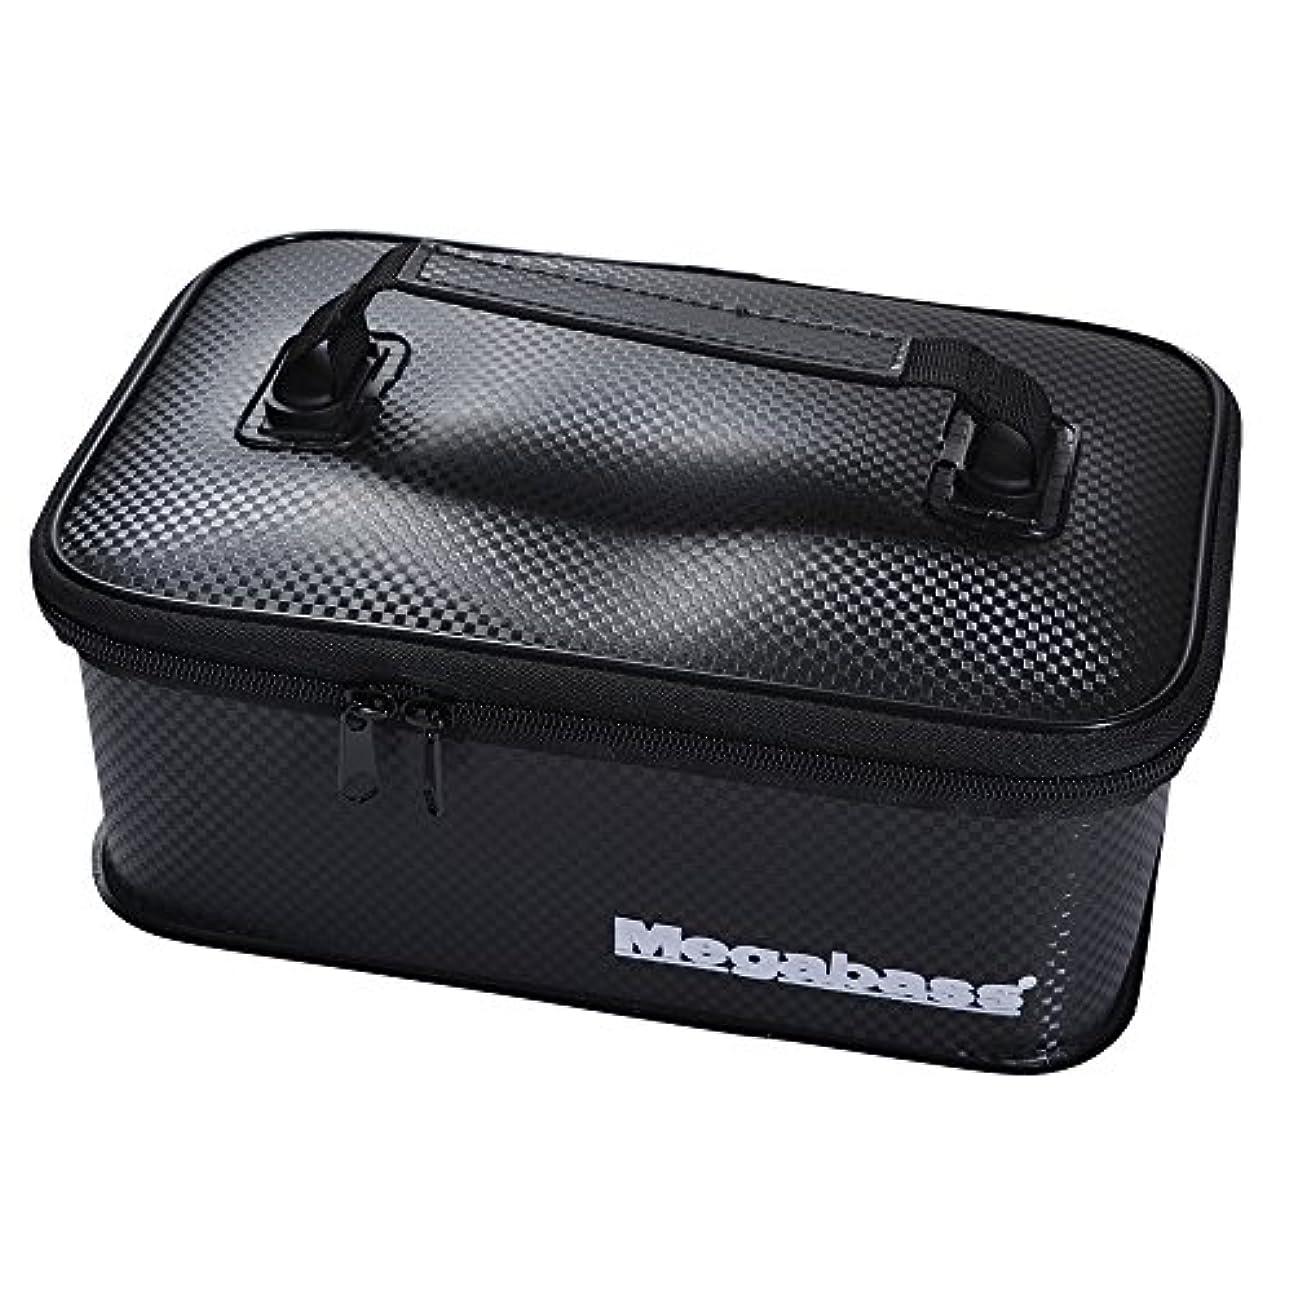 クラウン聖書運動するメガバス(Megabass) MEGABASS MULTI INNER CASE ブラック